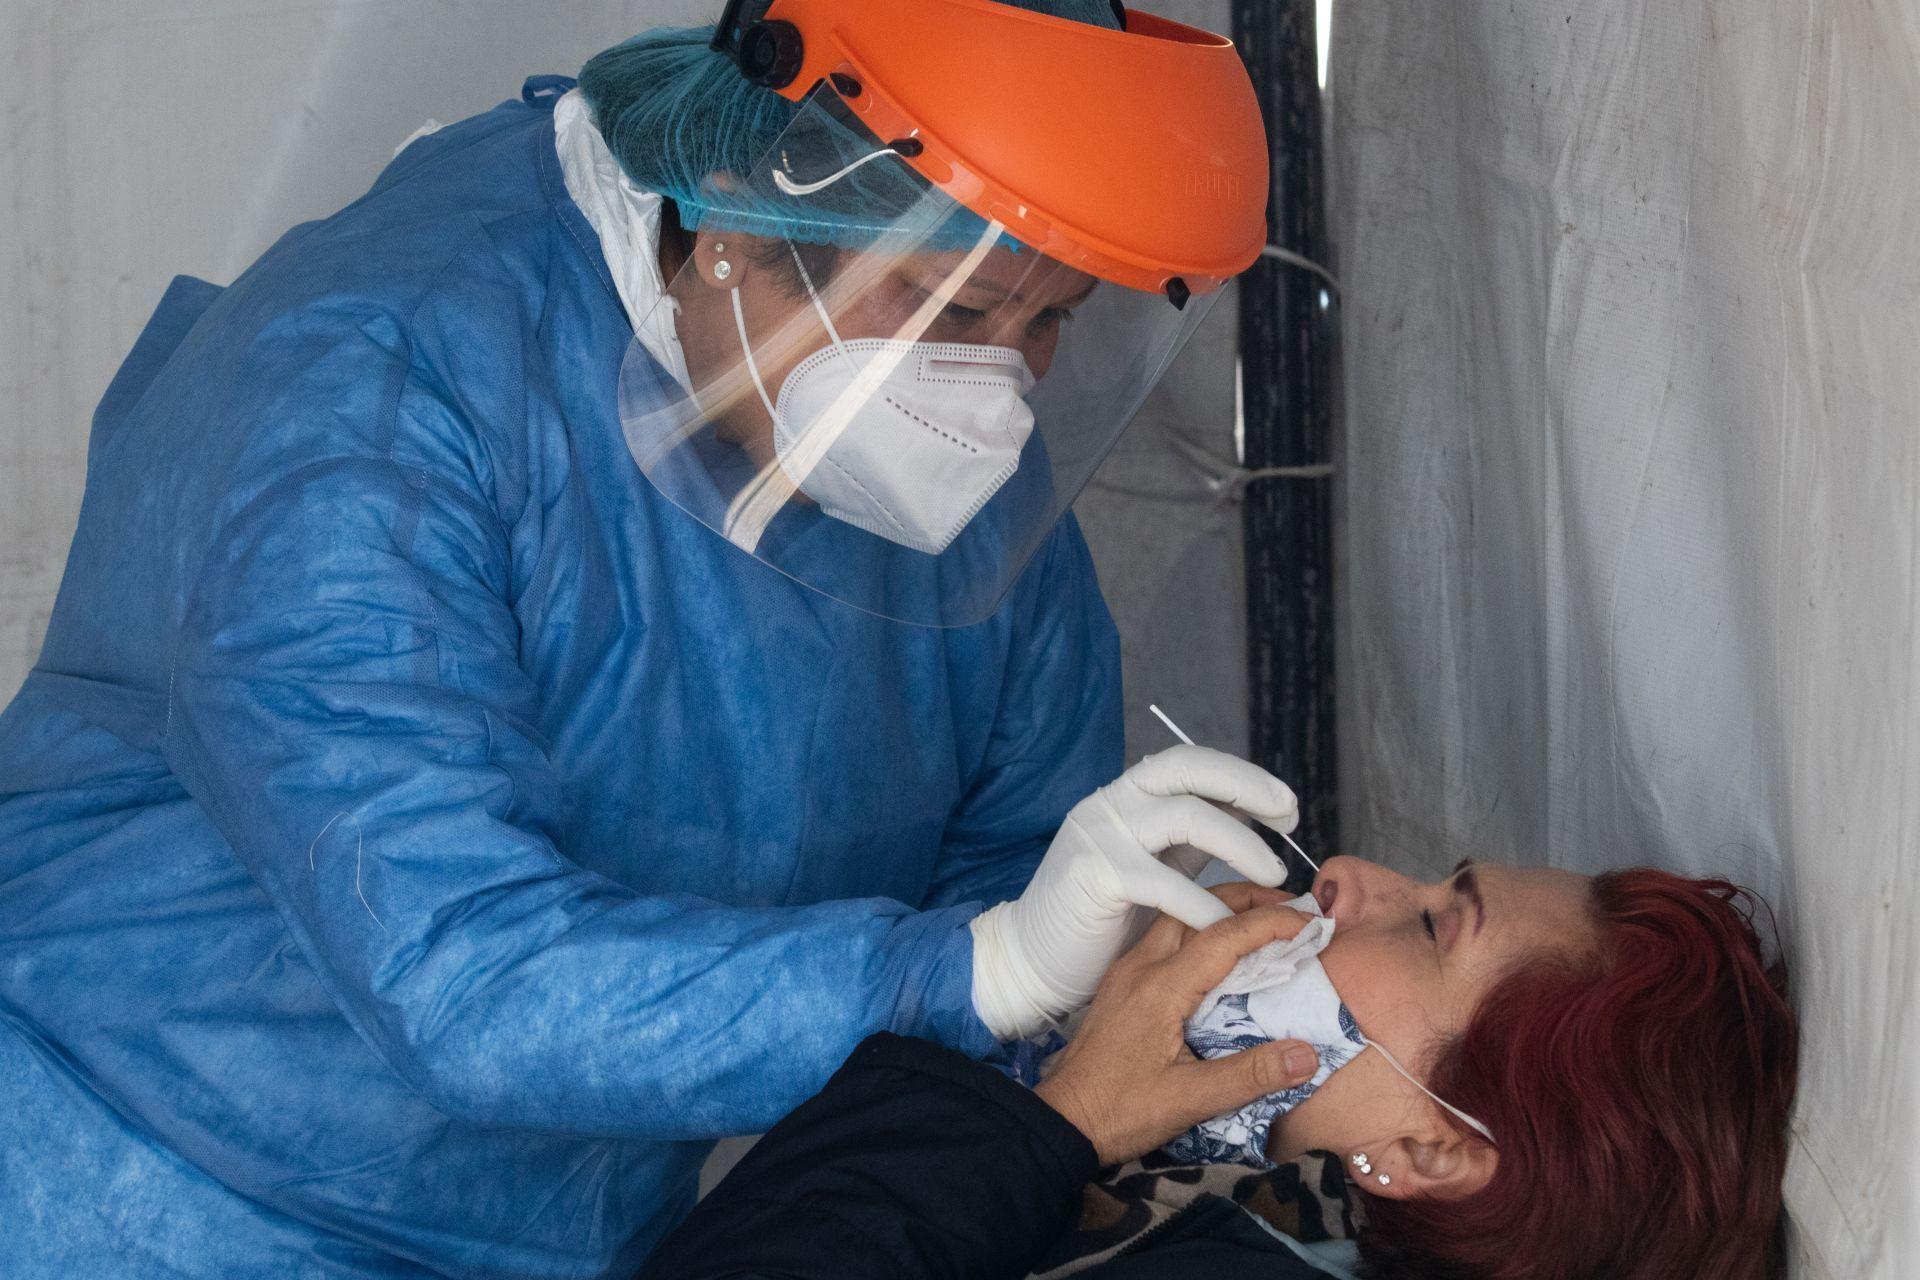 México sigue siendo el peor país para vivir la pandemia de COVID-19, según Bloomberg